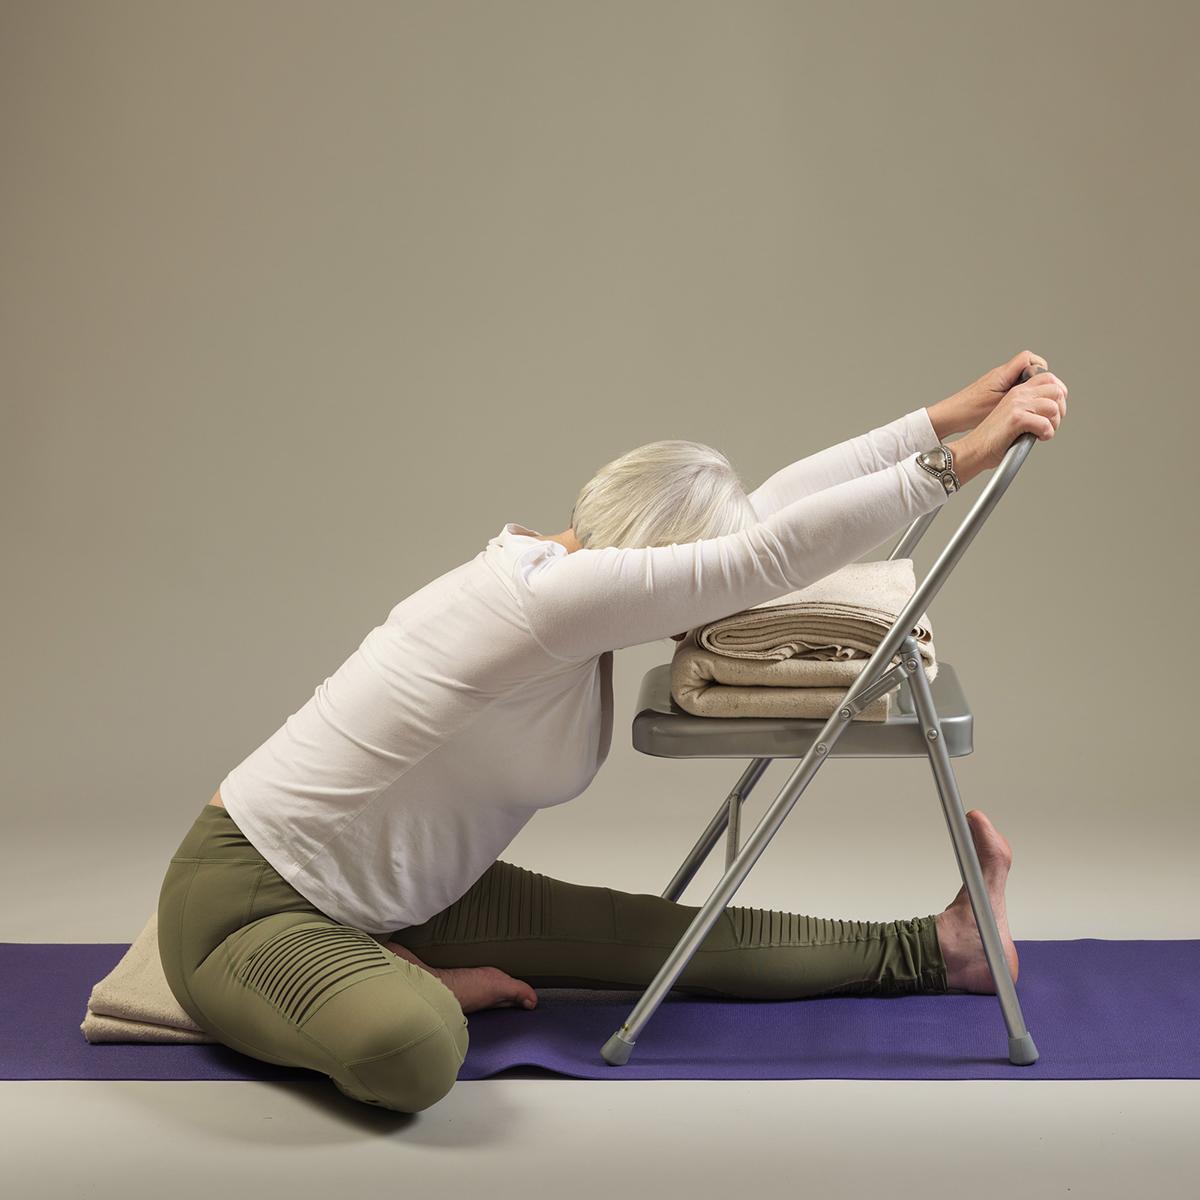 """pli assis au siège """"width ="""" 1200 """"height ="""" 1200 """"srcset ="""" https://gympilates-bordeaux.com/wp-content/uploads/comprendre-les-accessoires-comment-utiliser-la-chaise-de-yoga.jpg 1200w, https: / /www.yogamatters.com/blog/wp-content/uploads/2019/03/ chair-seated-forward-bend-300x300.jpg 300w, https://www.yogamatters.com/blog/wp-content/uploads/ 2019/03 / chair-seated-forward-bend-1024x1024.jpg 1024w, https://www.yogamatters.com/blog/wp-content/uploads/2019/03/ chair-seated-forward-bend-60x60.jpg 60w, https://www.yogamatters.com/blog/wp-content/uploads/2019/03/chair-seated-forward-bend-32x32.jpg 32w, https://www.yogamatters.com/blog/wp -co ntent / uploads / 2019/03 / chair-seated-forward-bend-50x50.jpg 50w, https://www.yogamatters.com/blog/wp-content/uploads/2019/03/chair-seated-forward-bend -64x64.jpg 64w, https://www.yogamatters.com/blog/wp-content/uploads/2019/03/chair-seated-foreated-bend-96x96.jpg 96w, https://www.yogamatters.com /blog/wp-content/uploads/2019/03/ chair-seated-forward-bend-128x128.jpg 128w """"values ="""" (max-width: 1200px) 100vw, 1200px """"/> </span></noscript> </span></p><p><span data-contrast="""